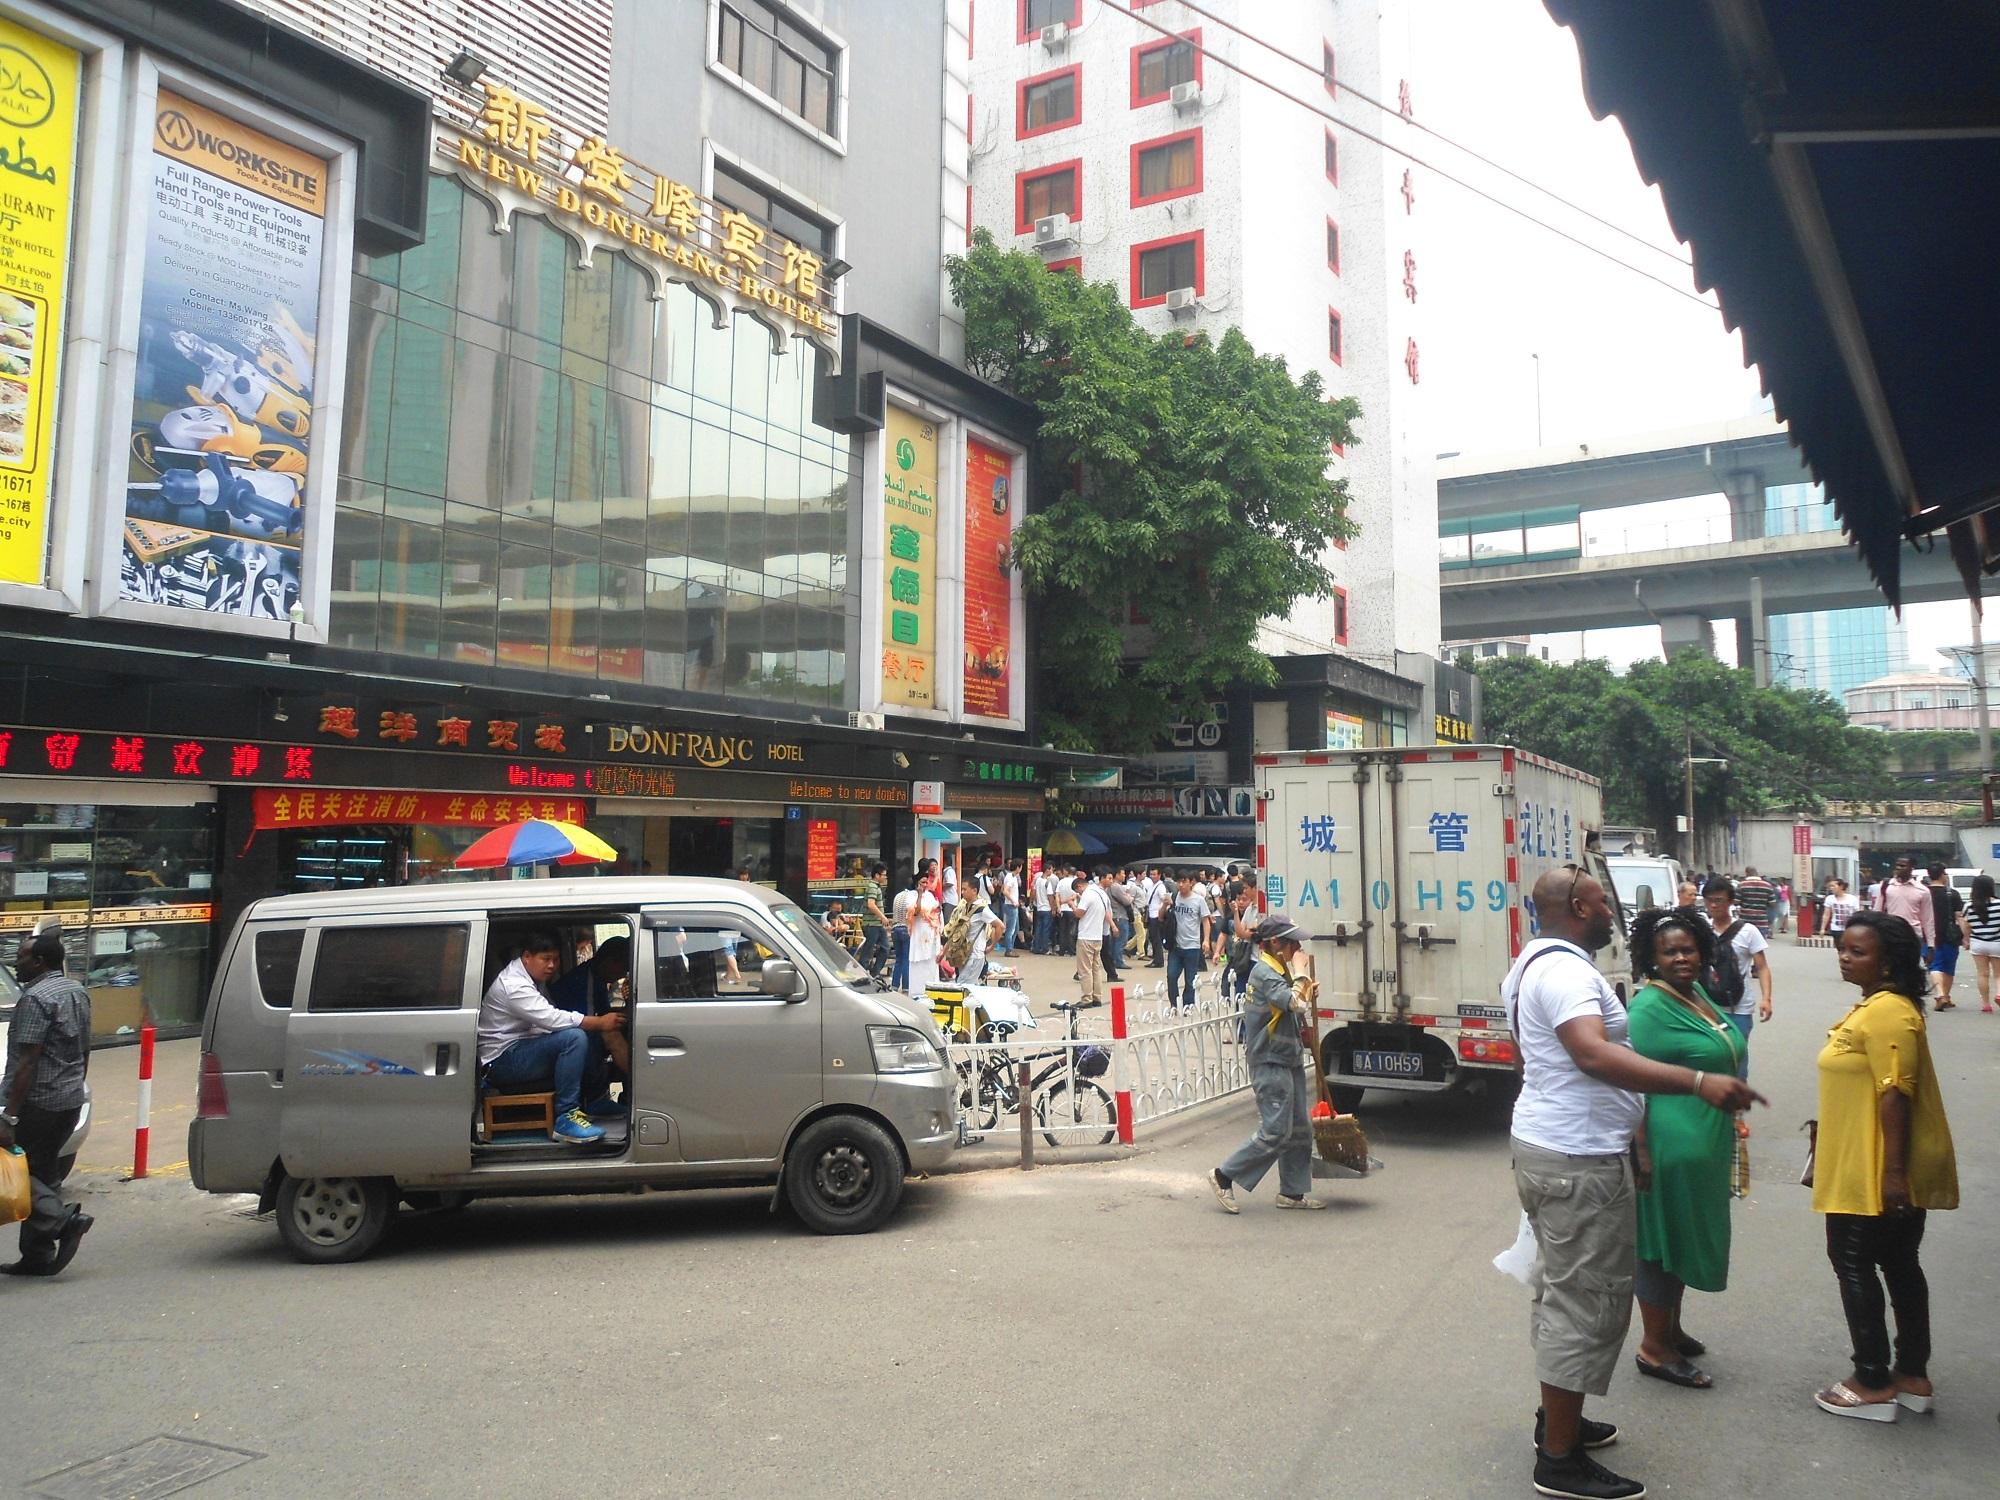 近年來許多非洲移民藉中國改革開放對外國人的「一味遷就」和「三不管」政策的漏洞,紛紛湧向廣東省。